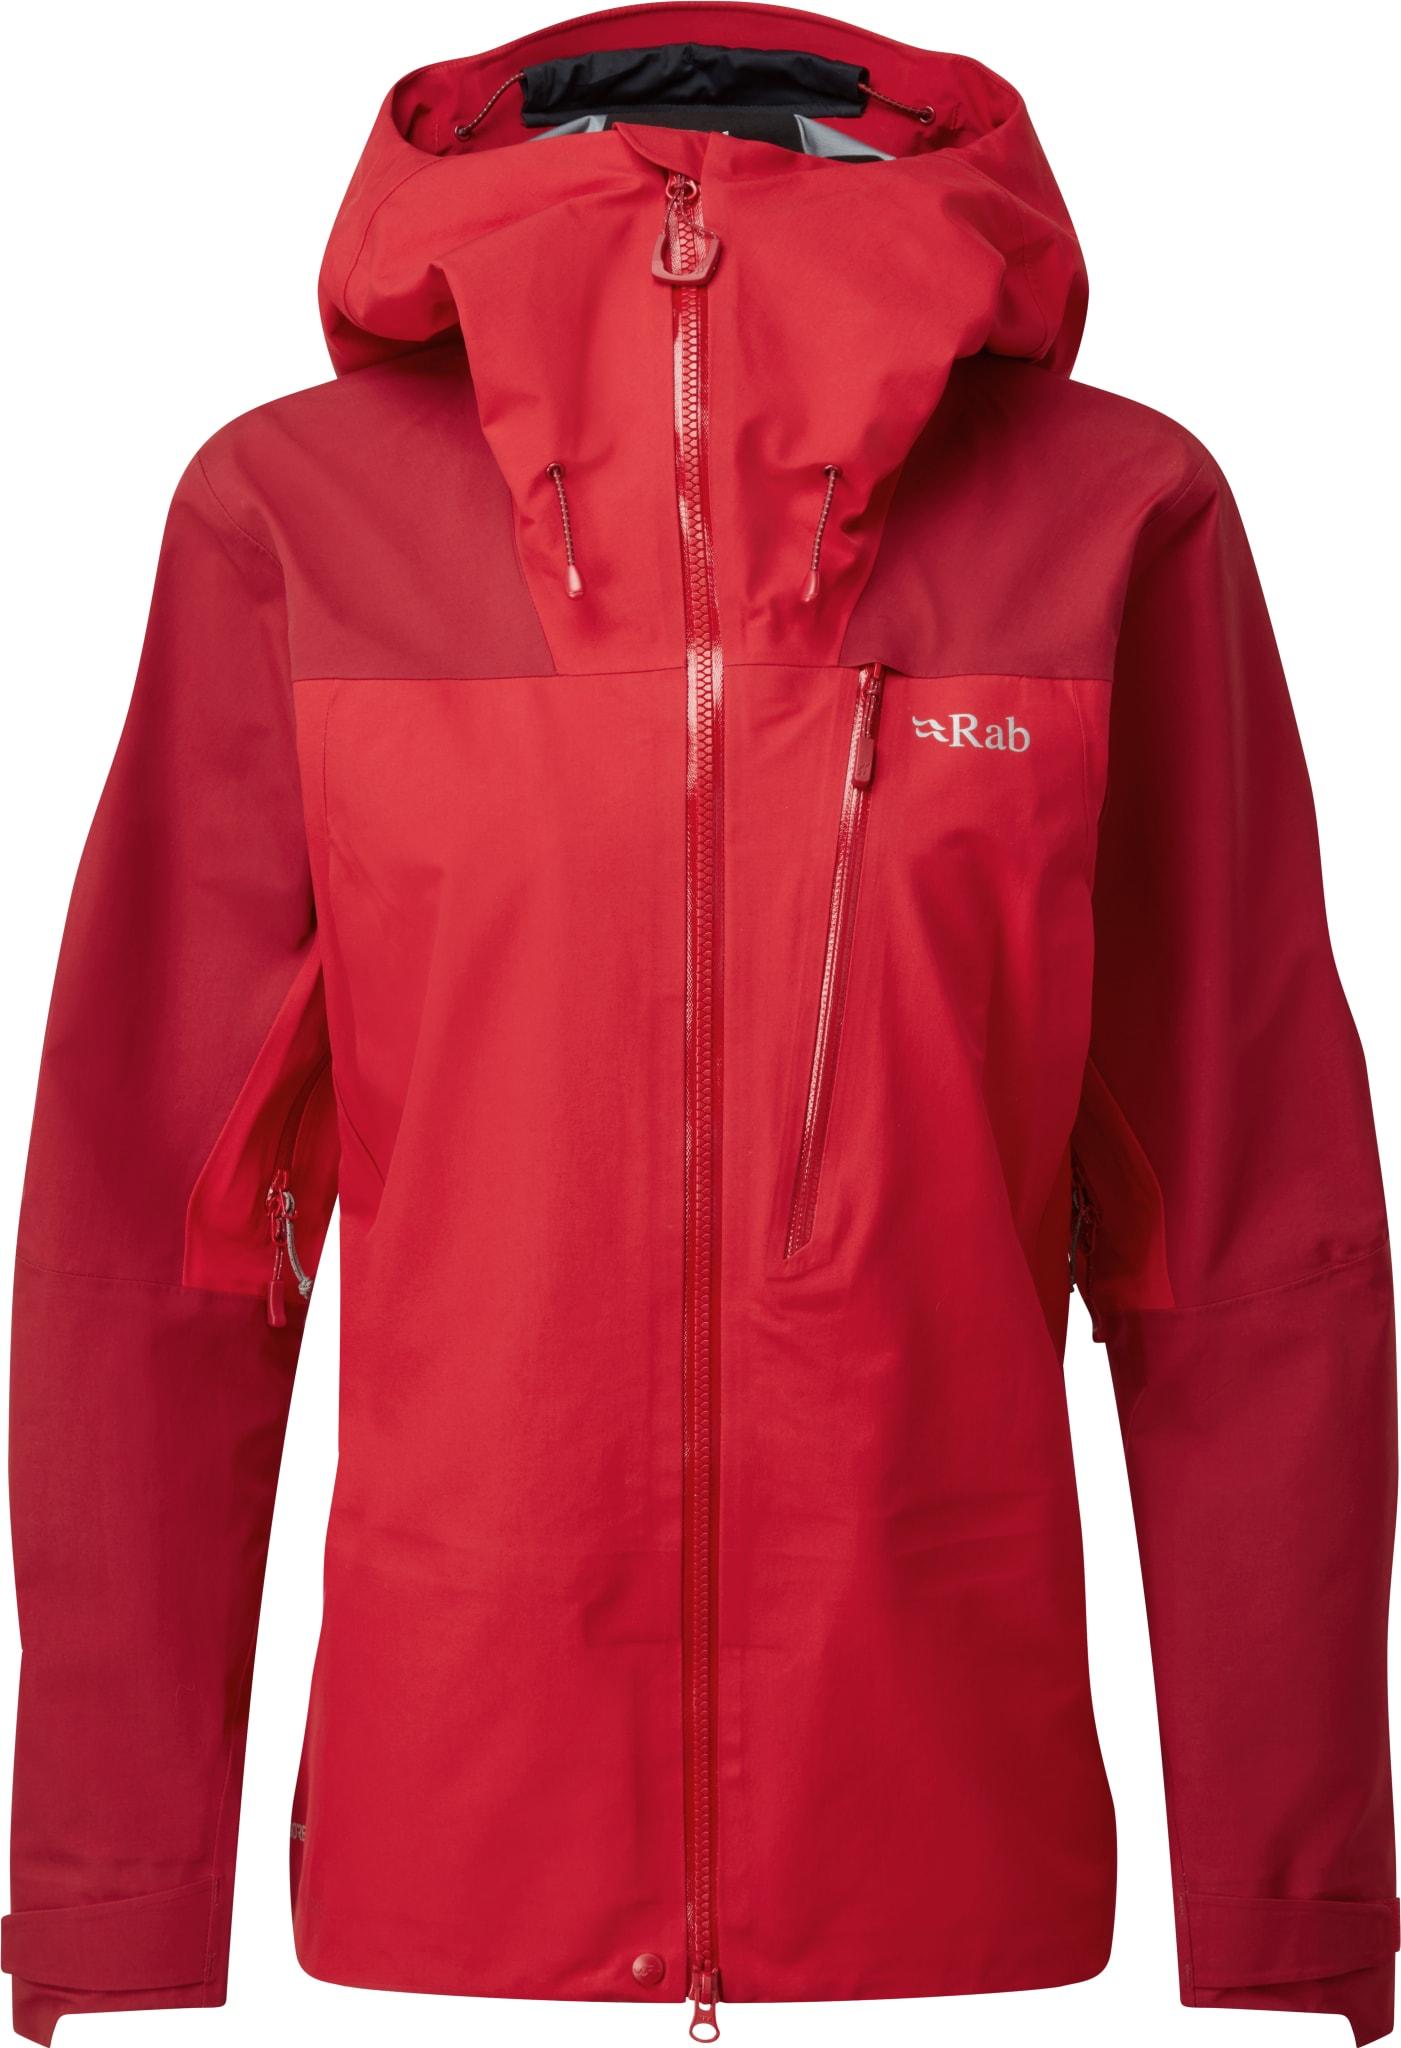 Klassisk GTX-jakke med mykt og bevegelig stoff til all slags fjellbruk